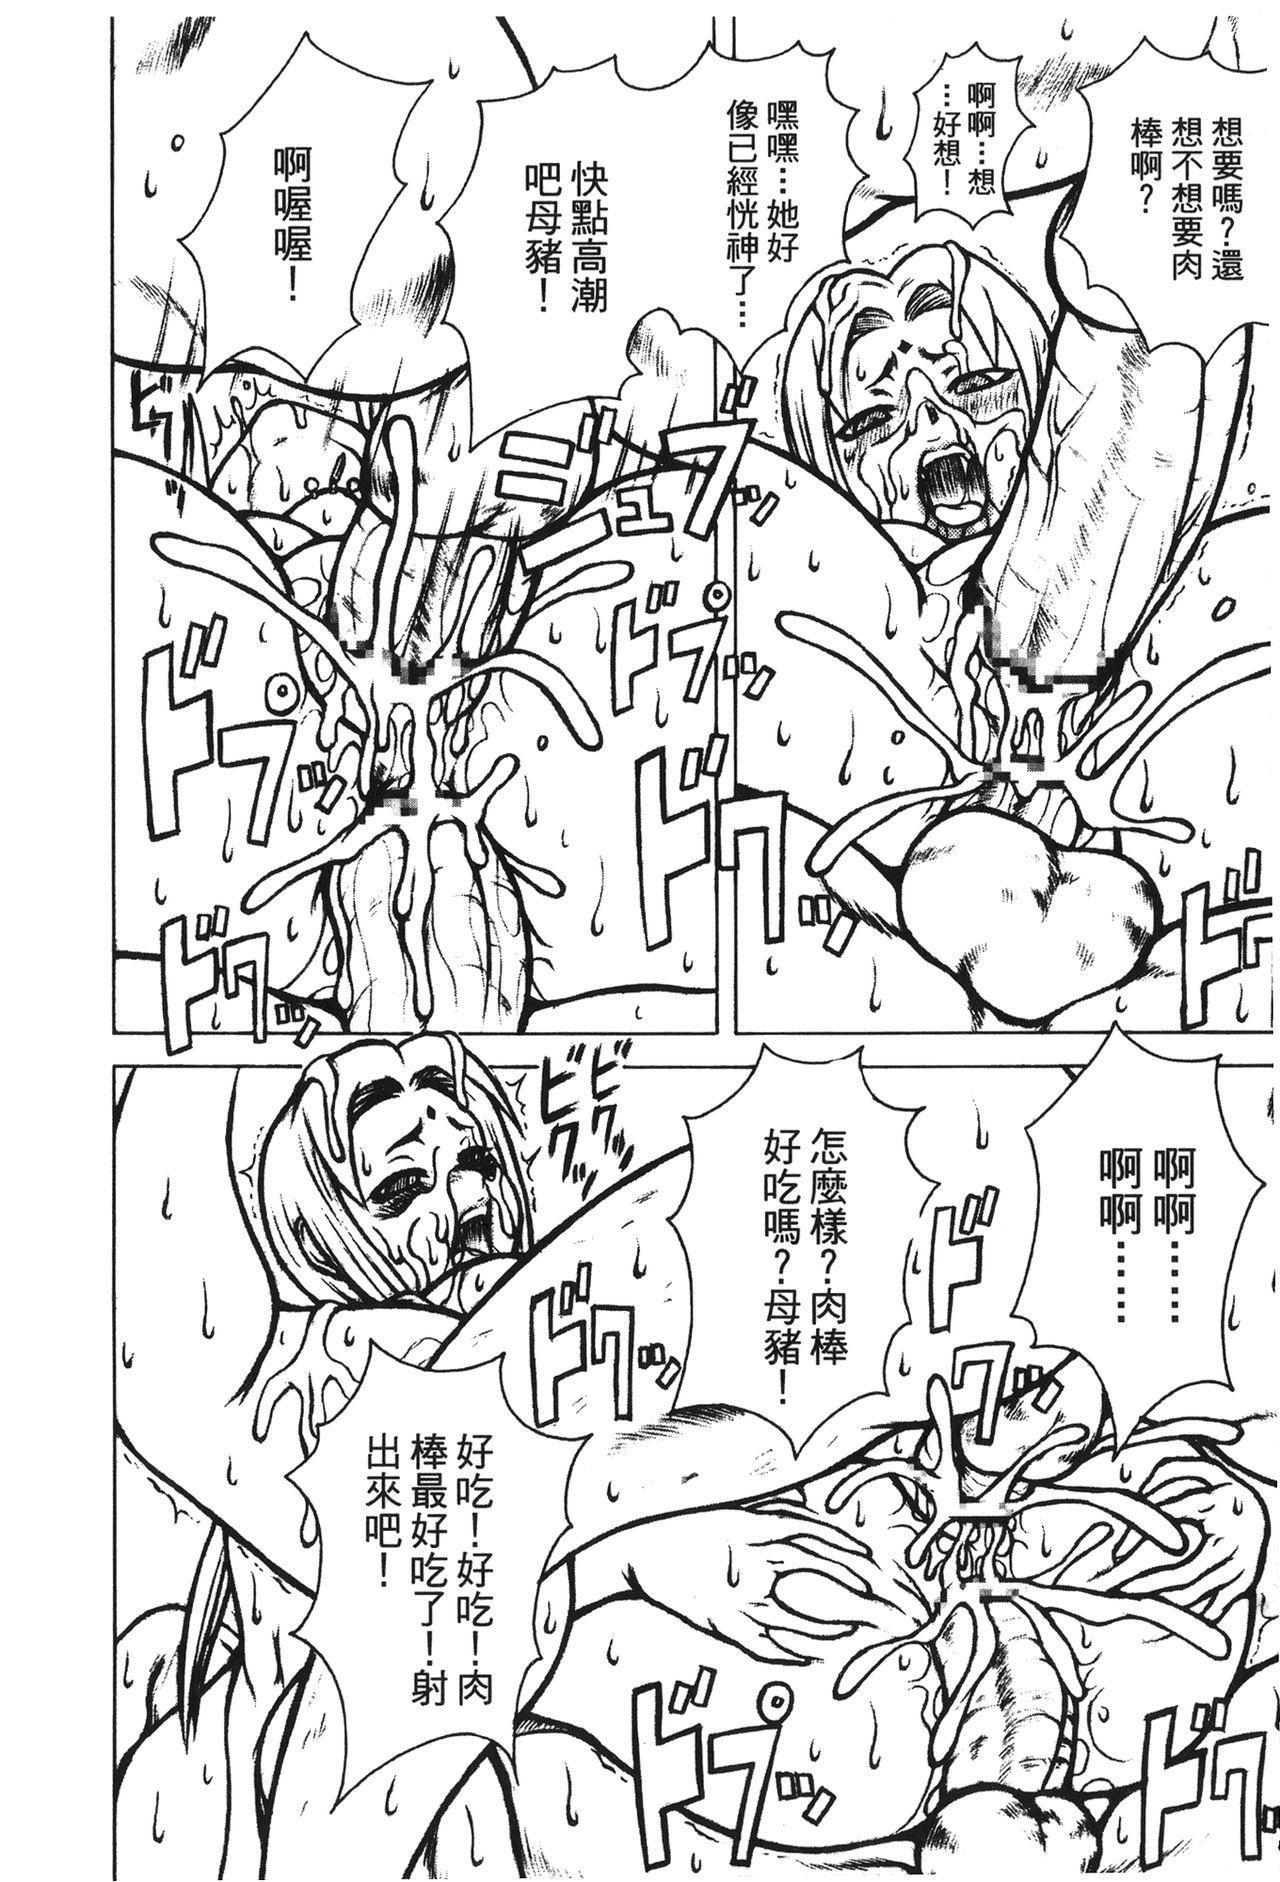 naruto ninja biography vol.02 140